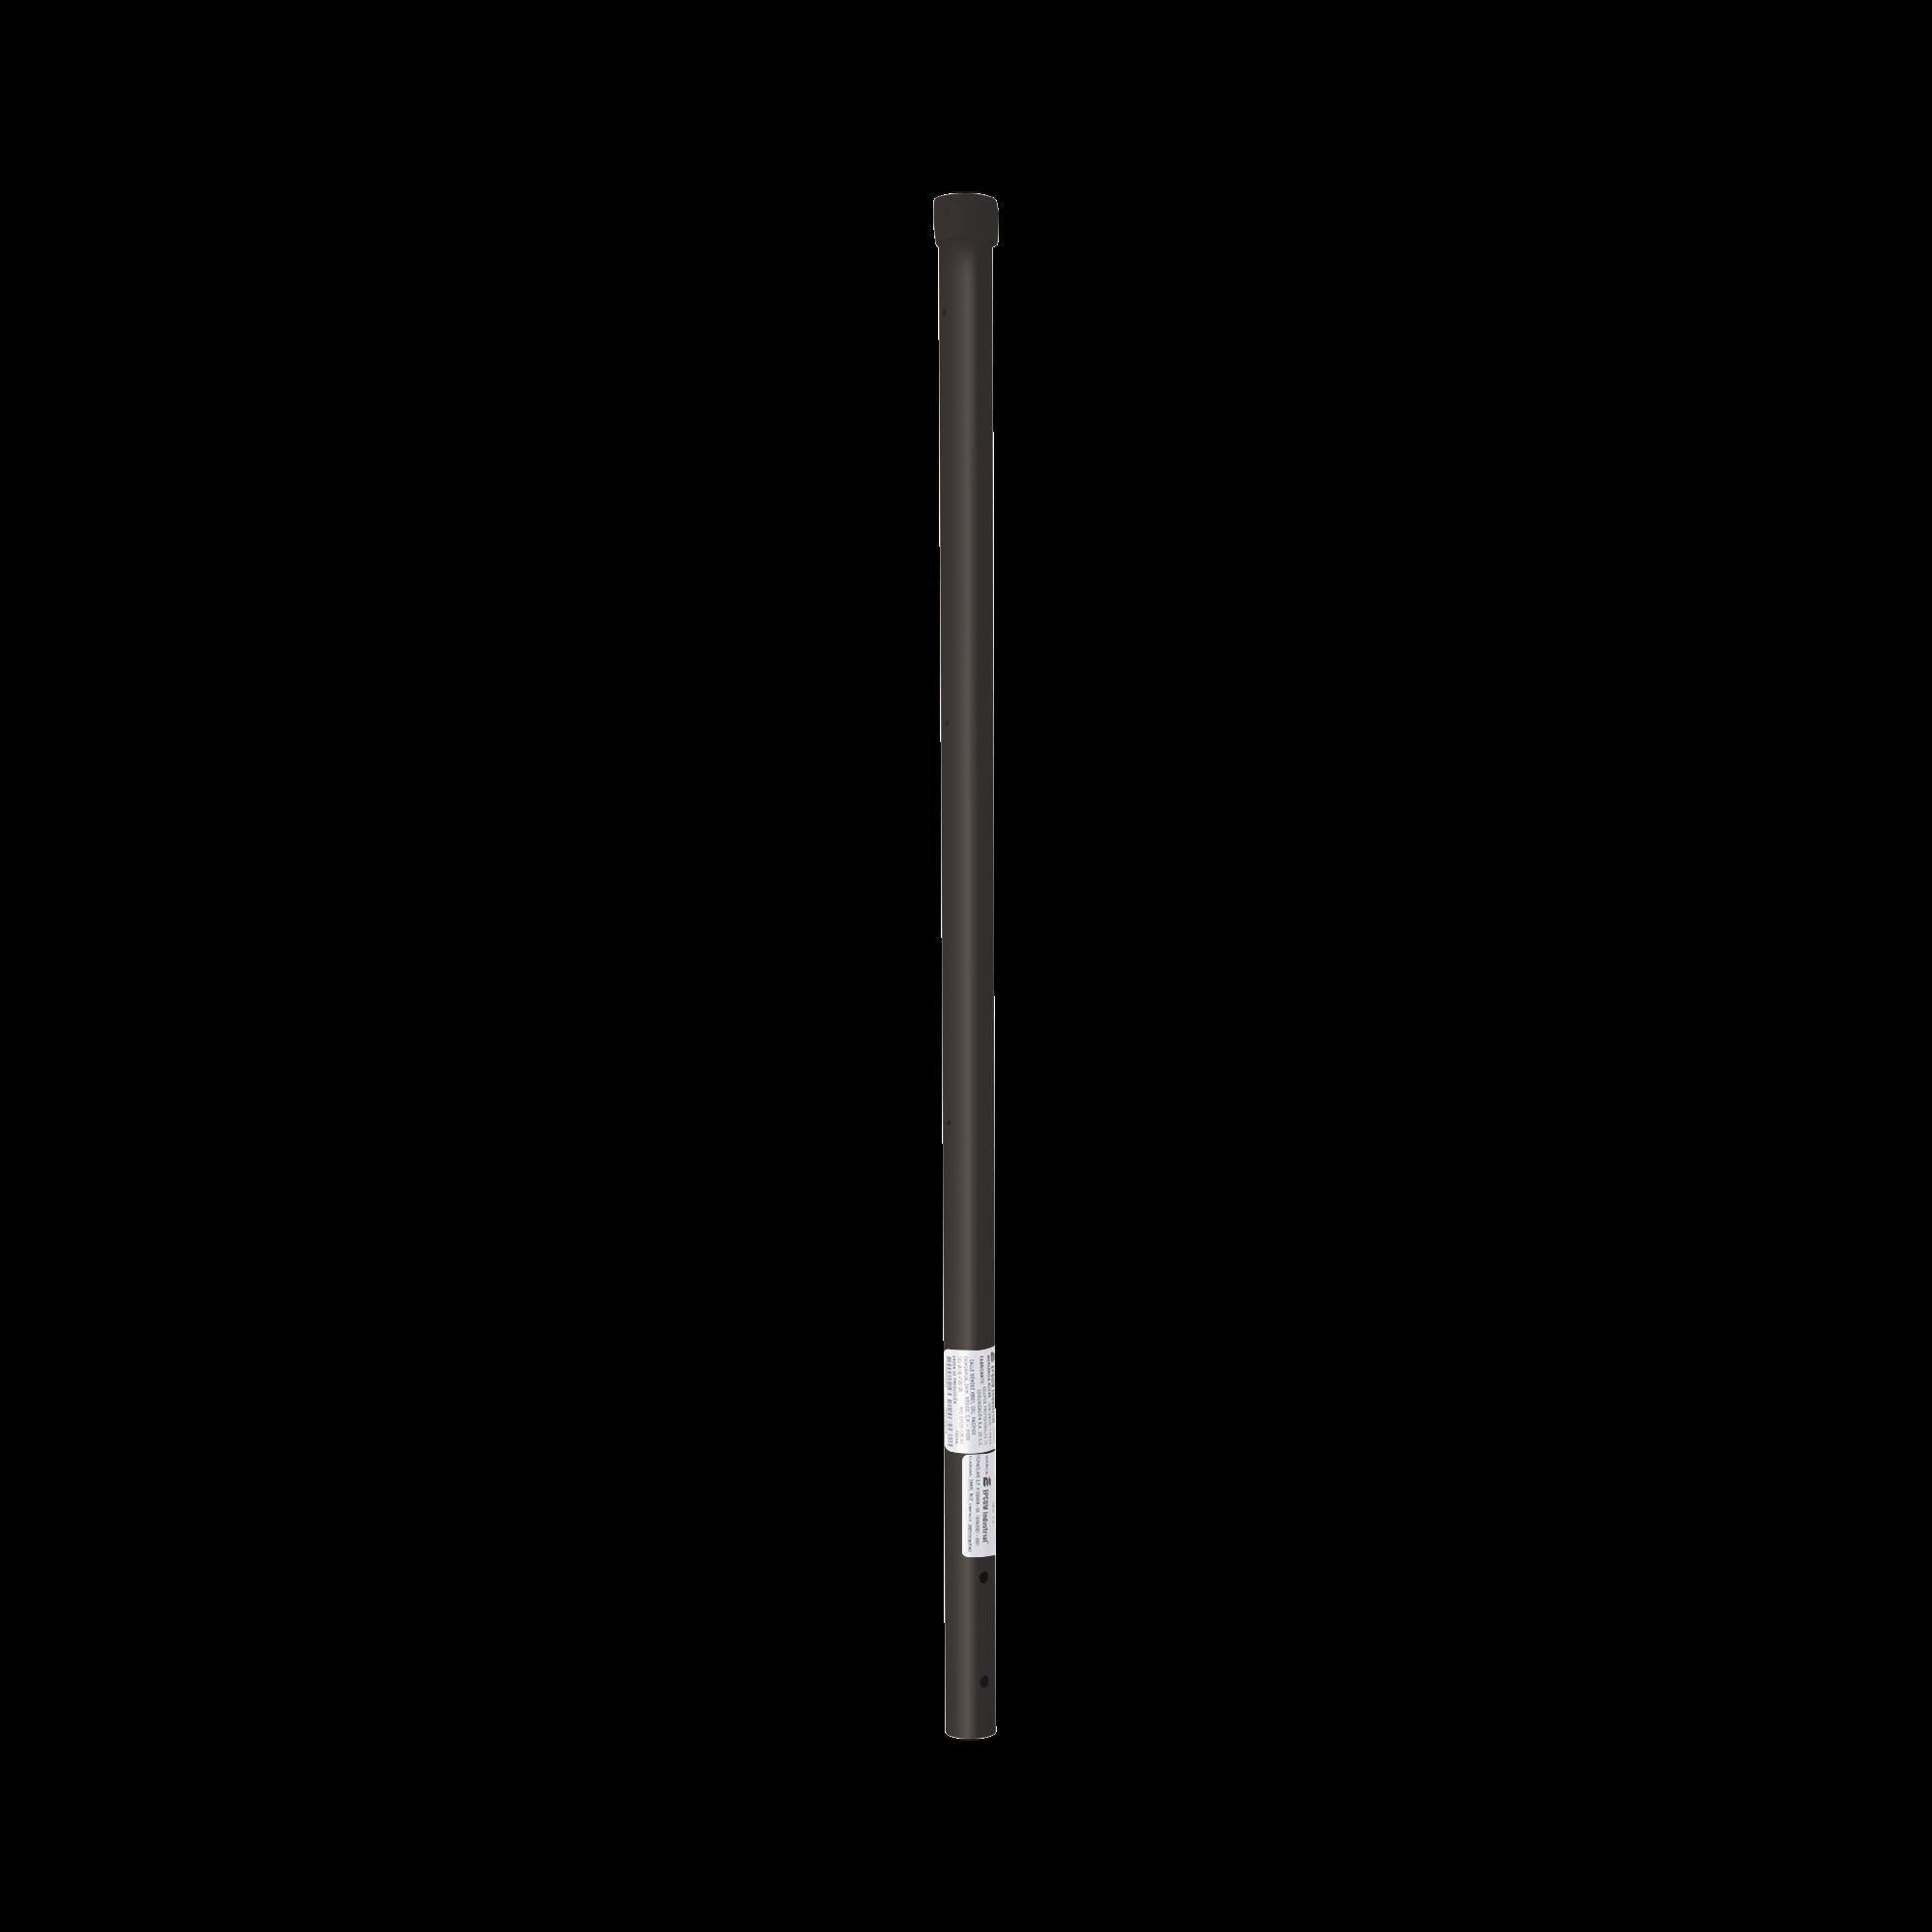 Poste de ESQUINA color Negro para Cerca Electrificada. Tubo Galvanizado cal. 18 de 1 Diam. y 0.8m Alto con Tapón, ideal para 3 aisladores